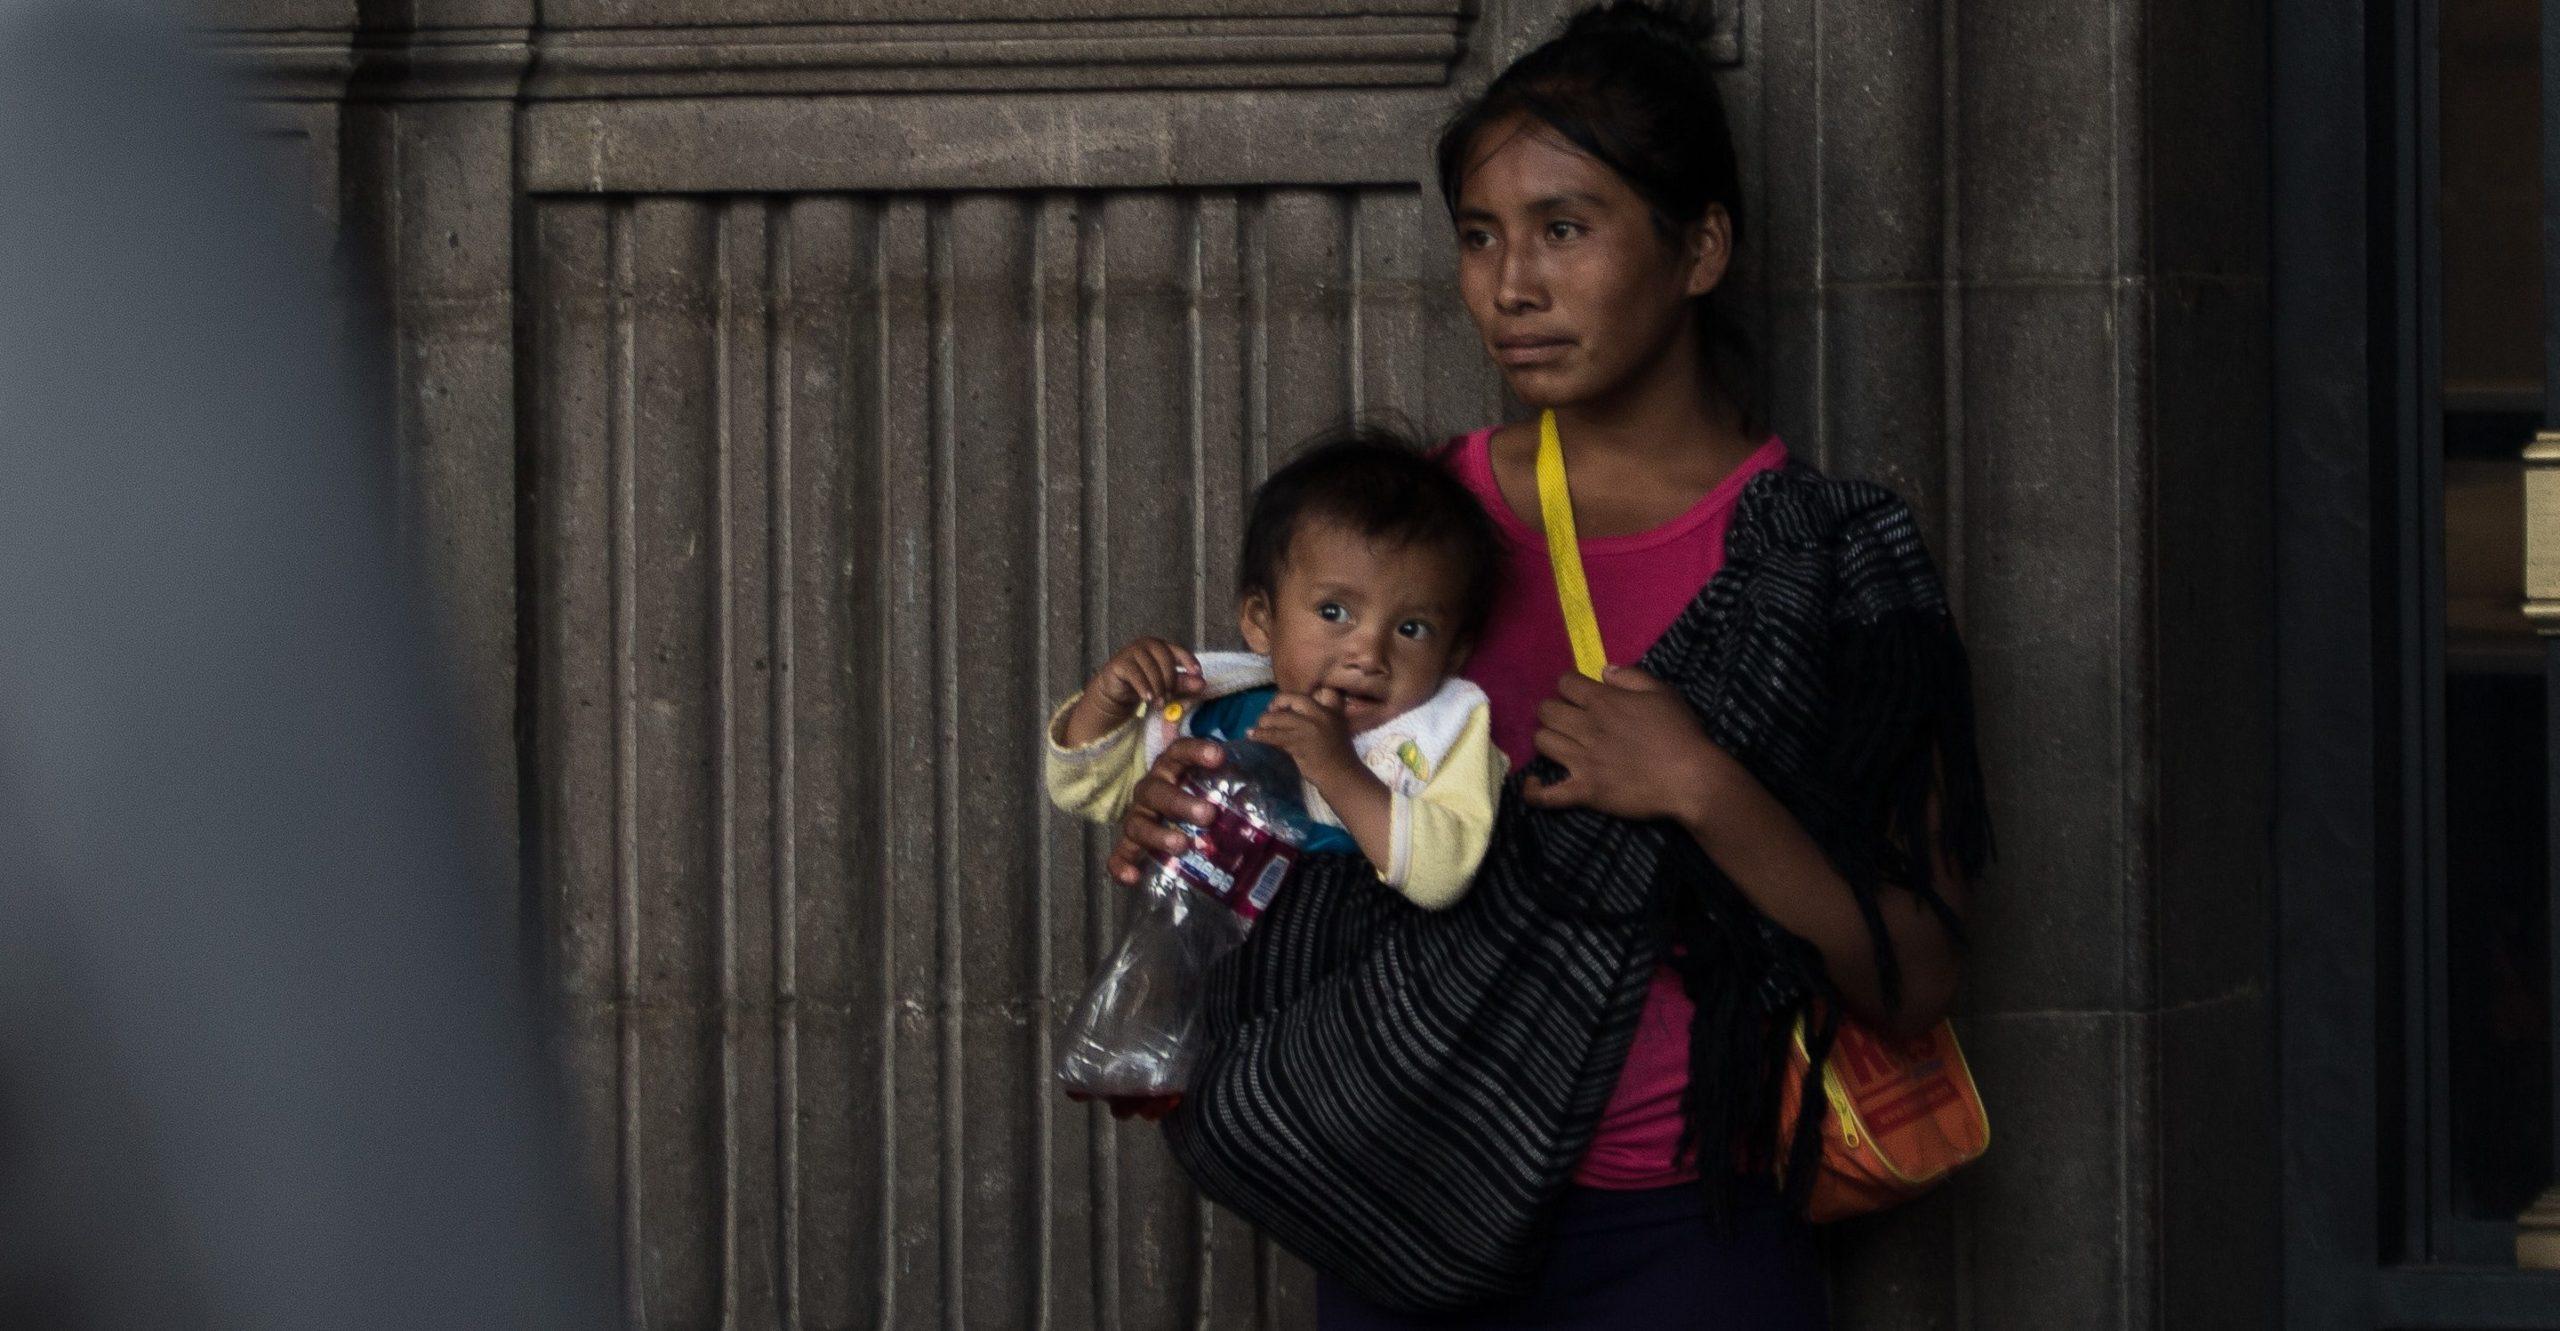 La pobreza en México va en aumento, alcanza casi el 44% de la población